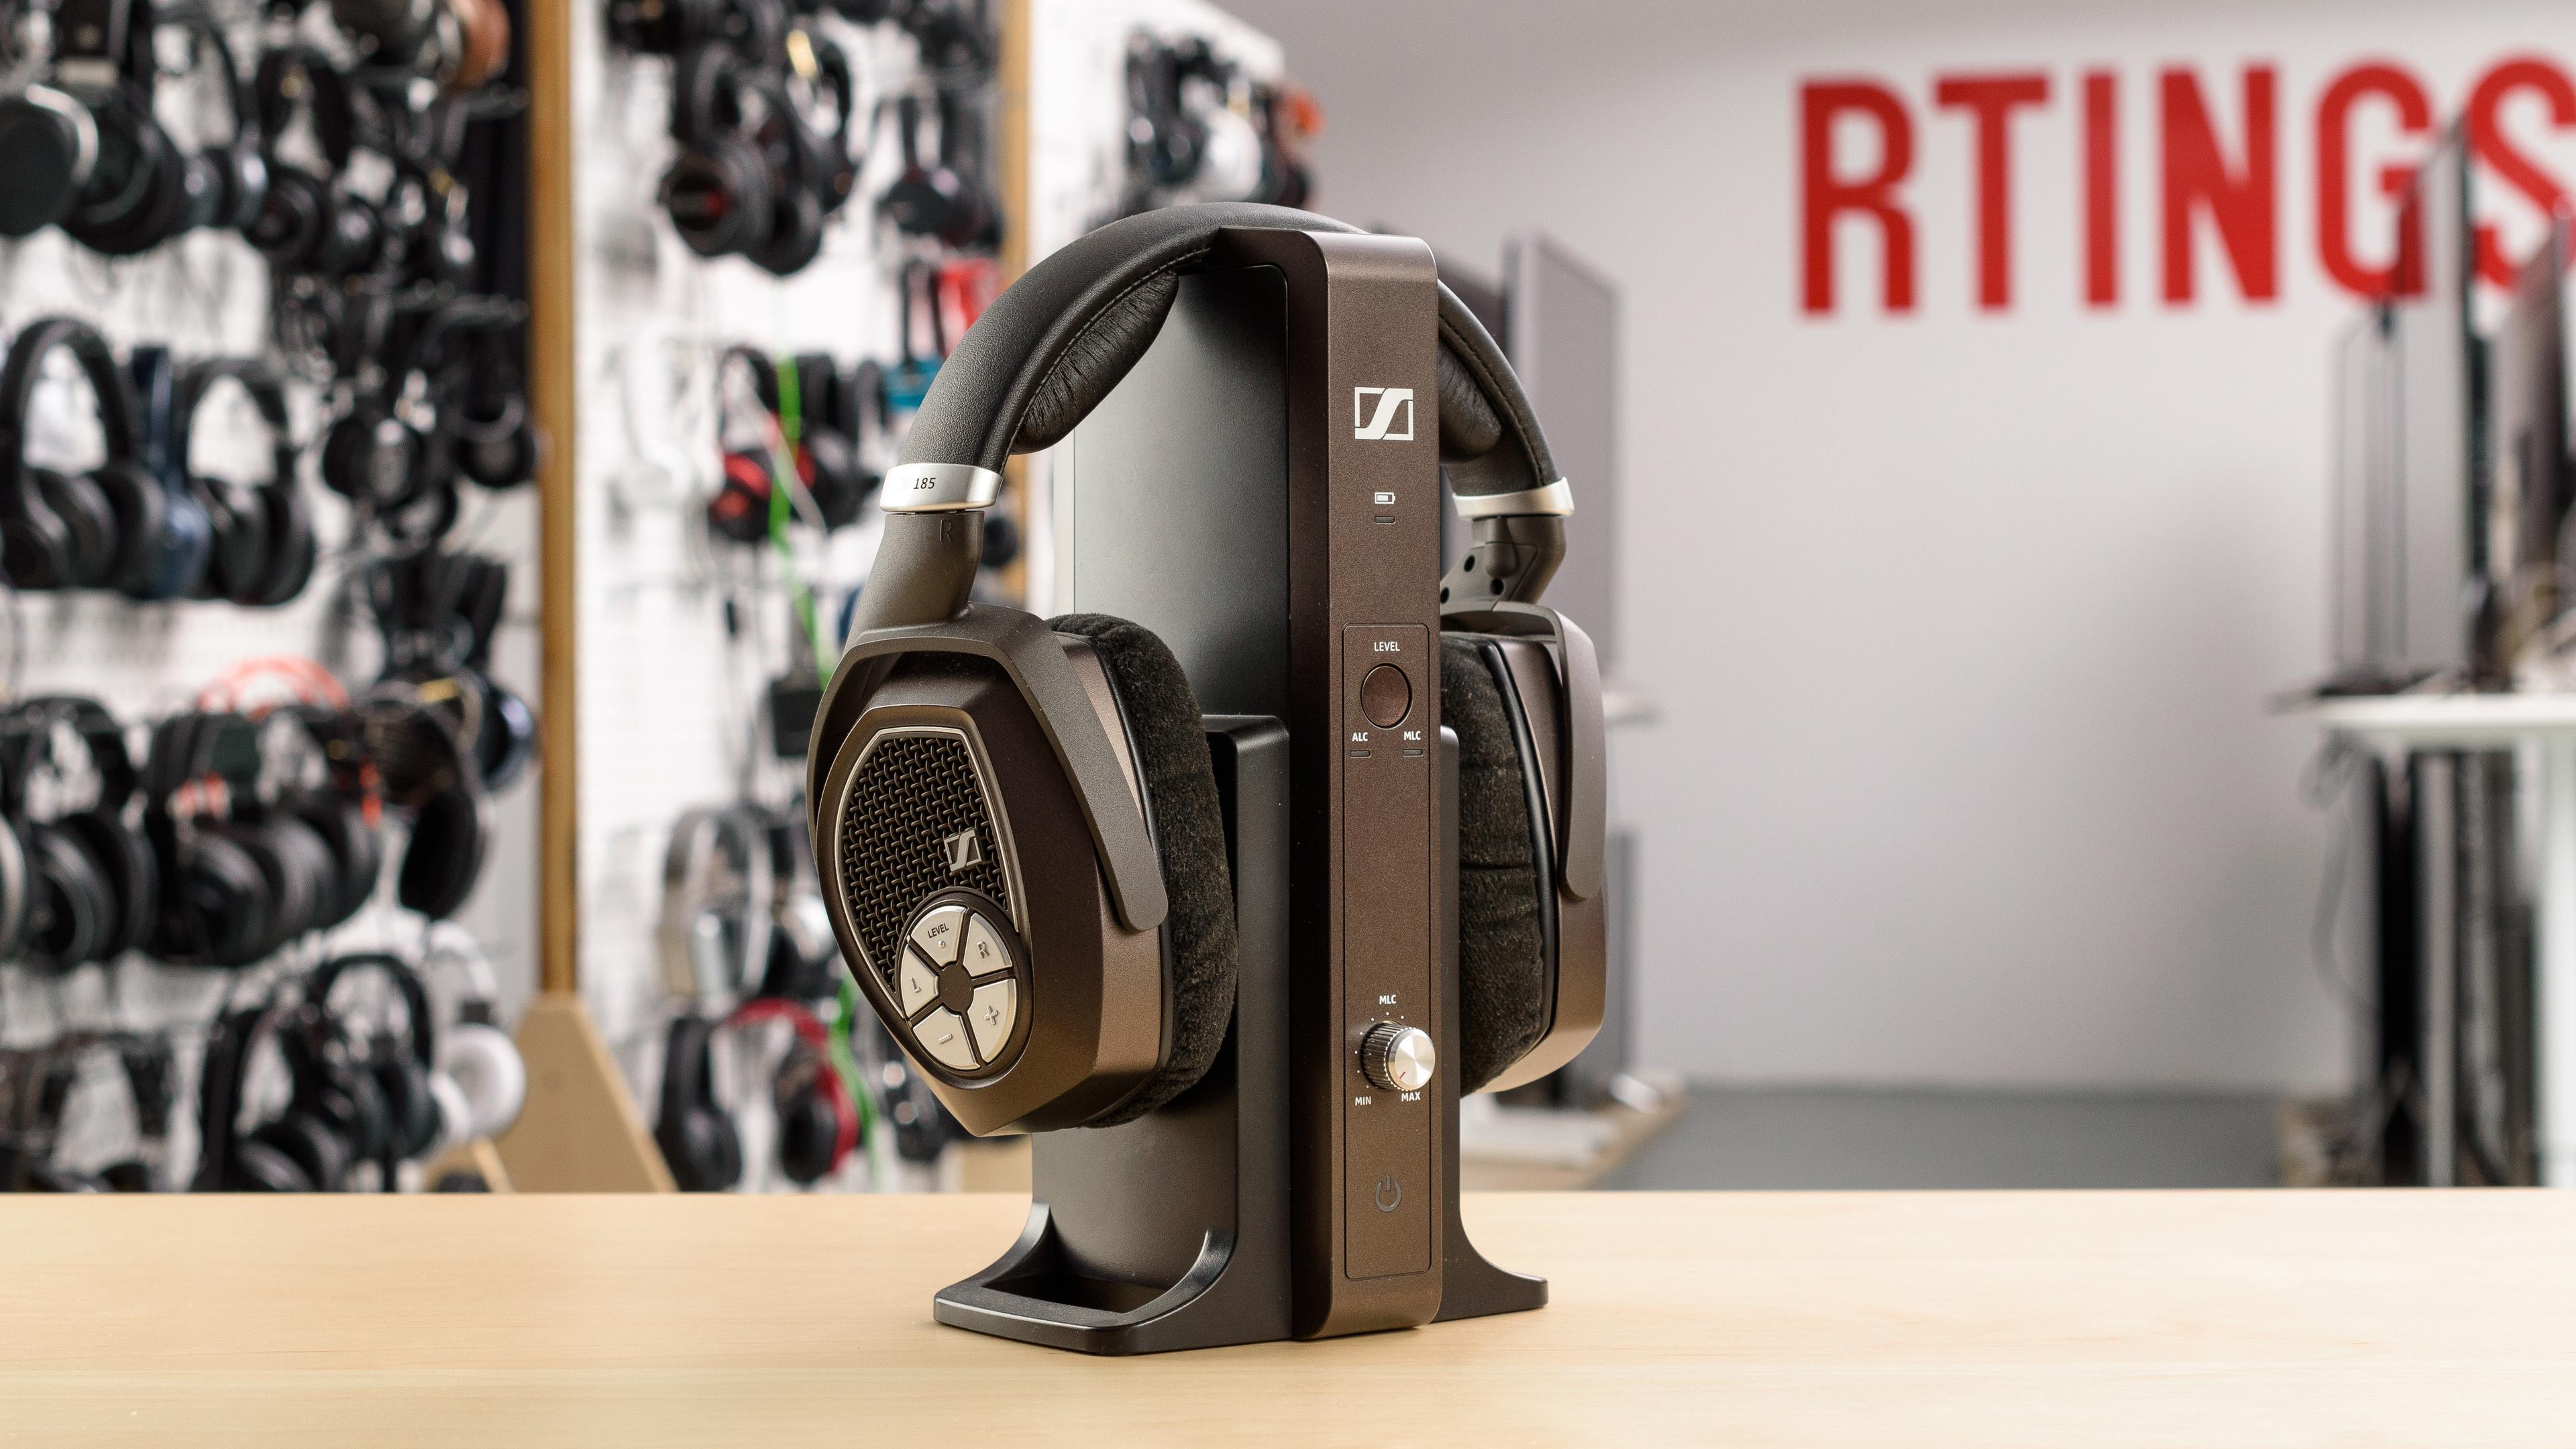 05e83bef063 Sennheiser RS 185 RF Wireless Review - RTINGS.com